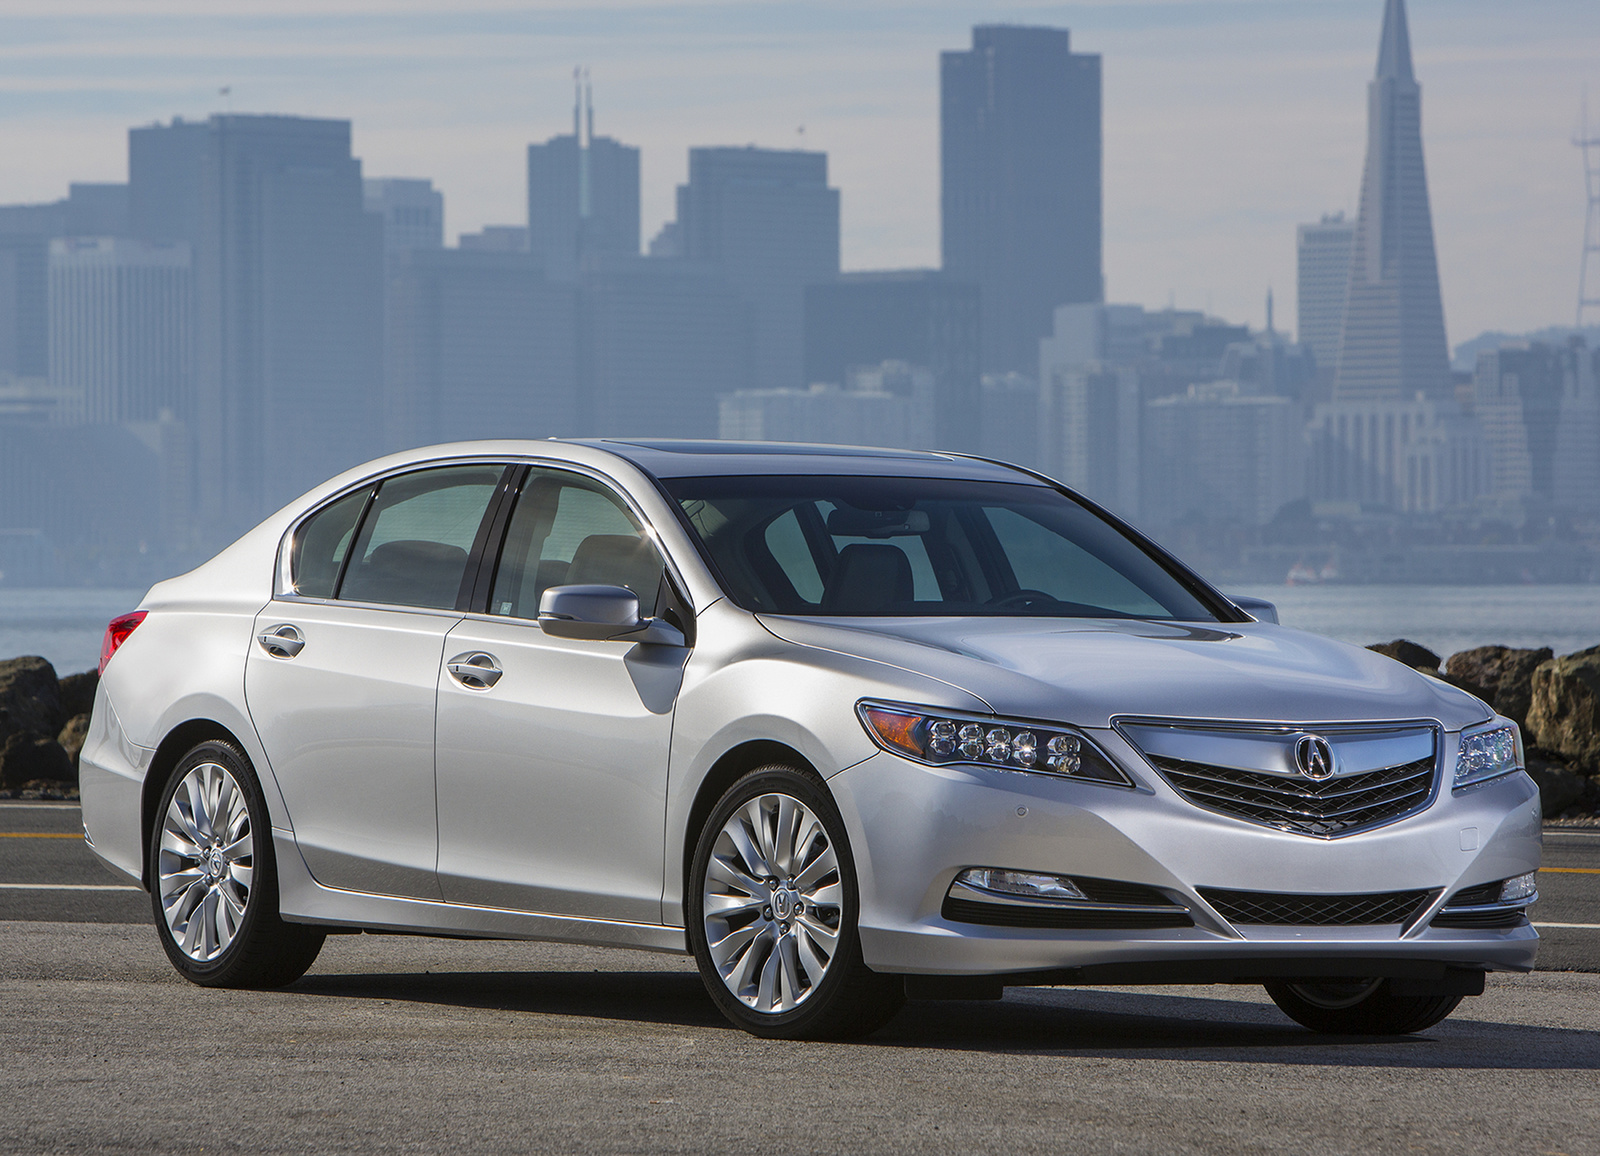 2014 Acura RLX - Review - CarGurus